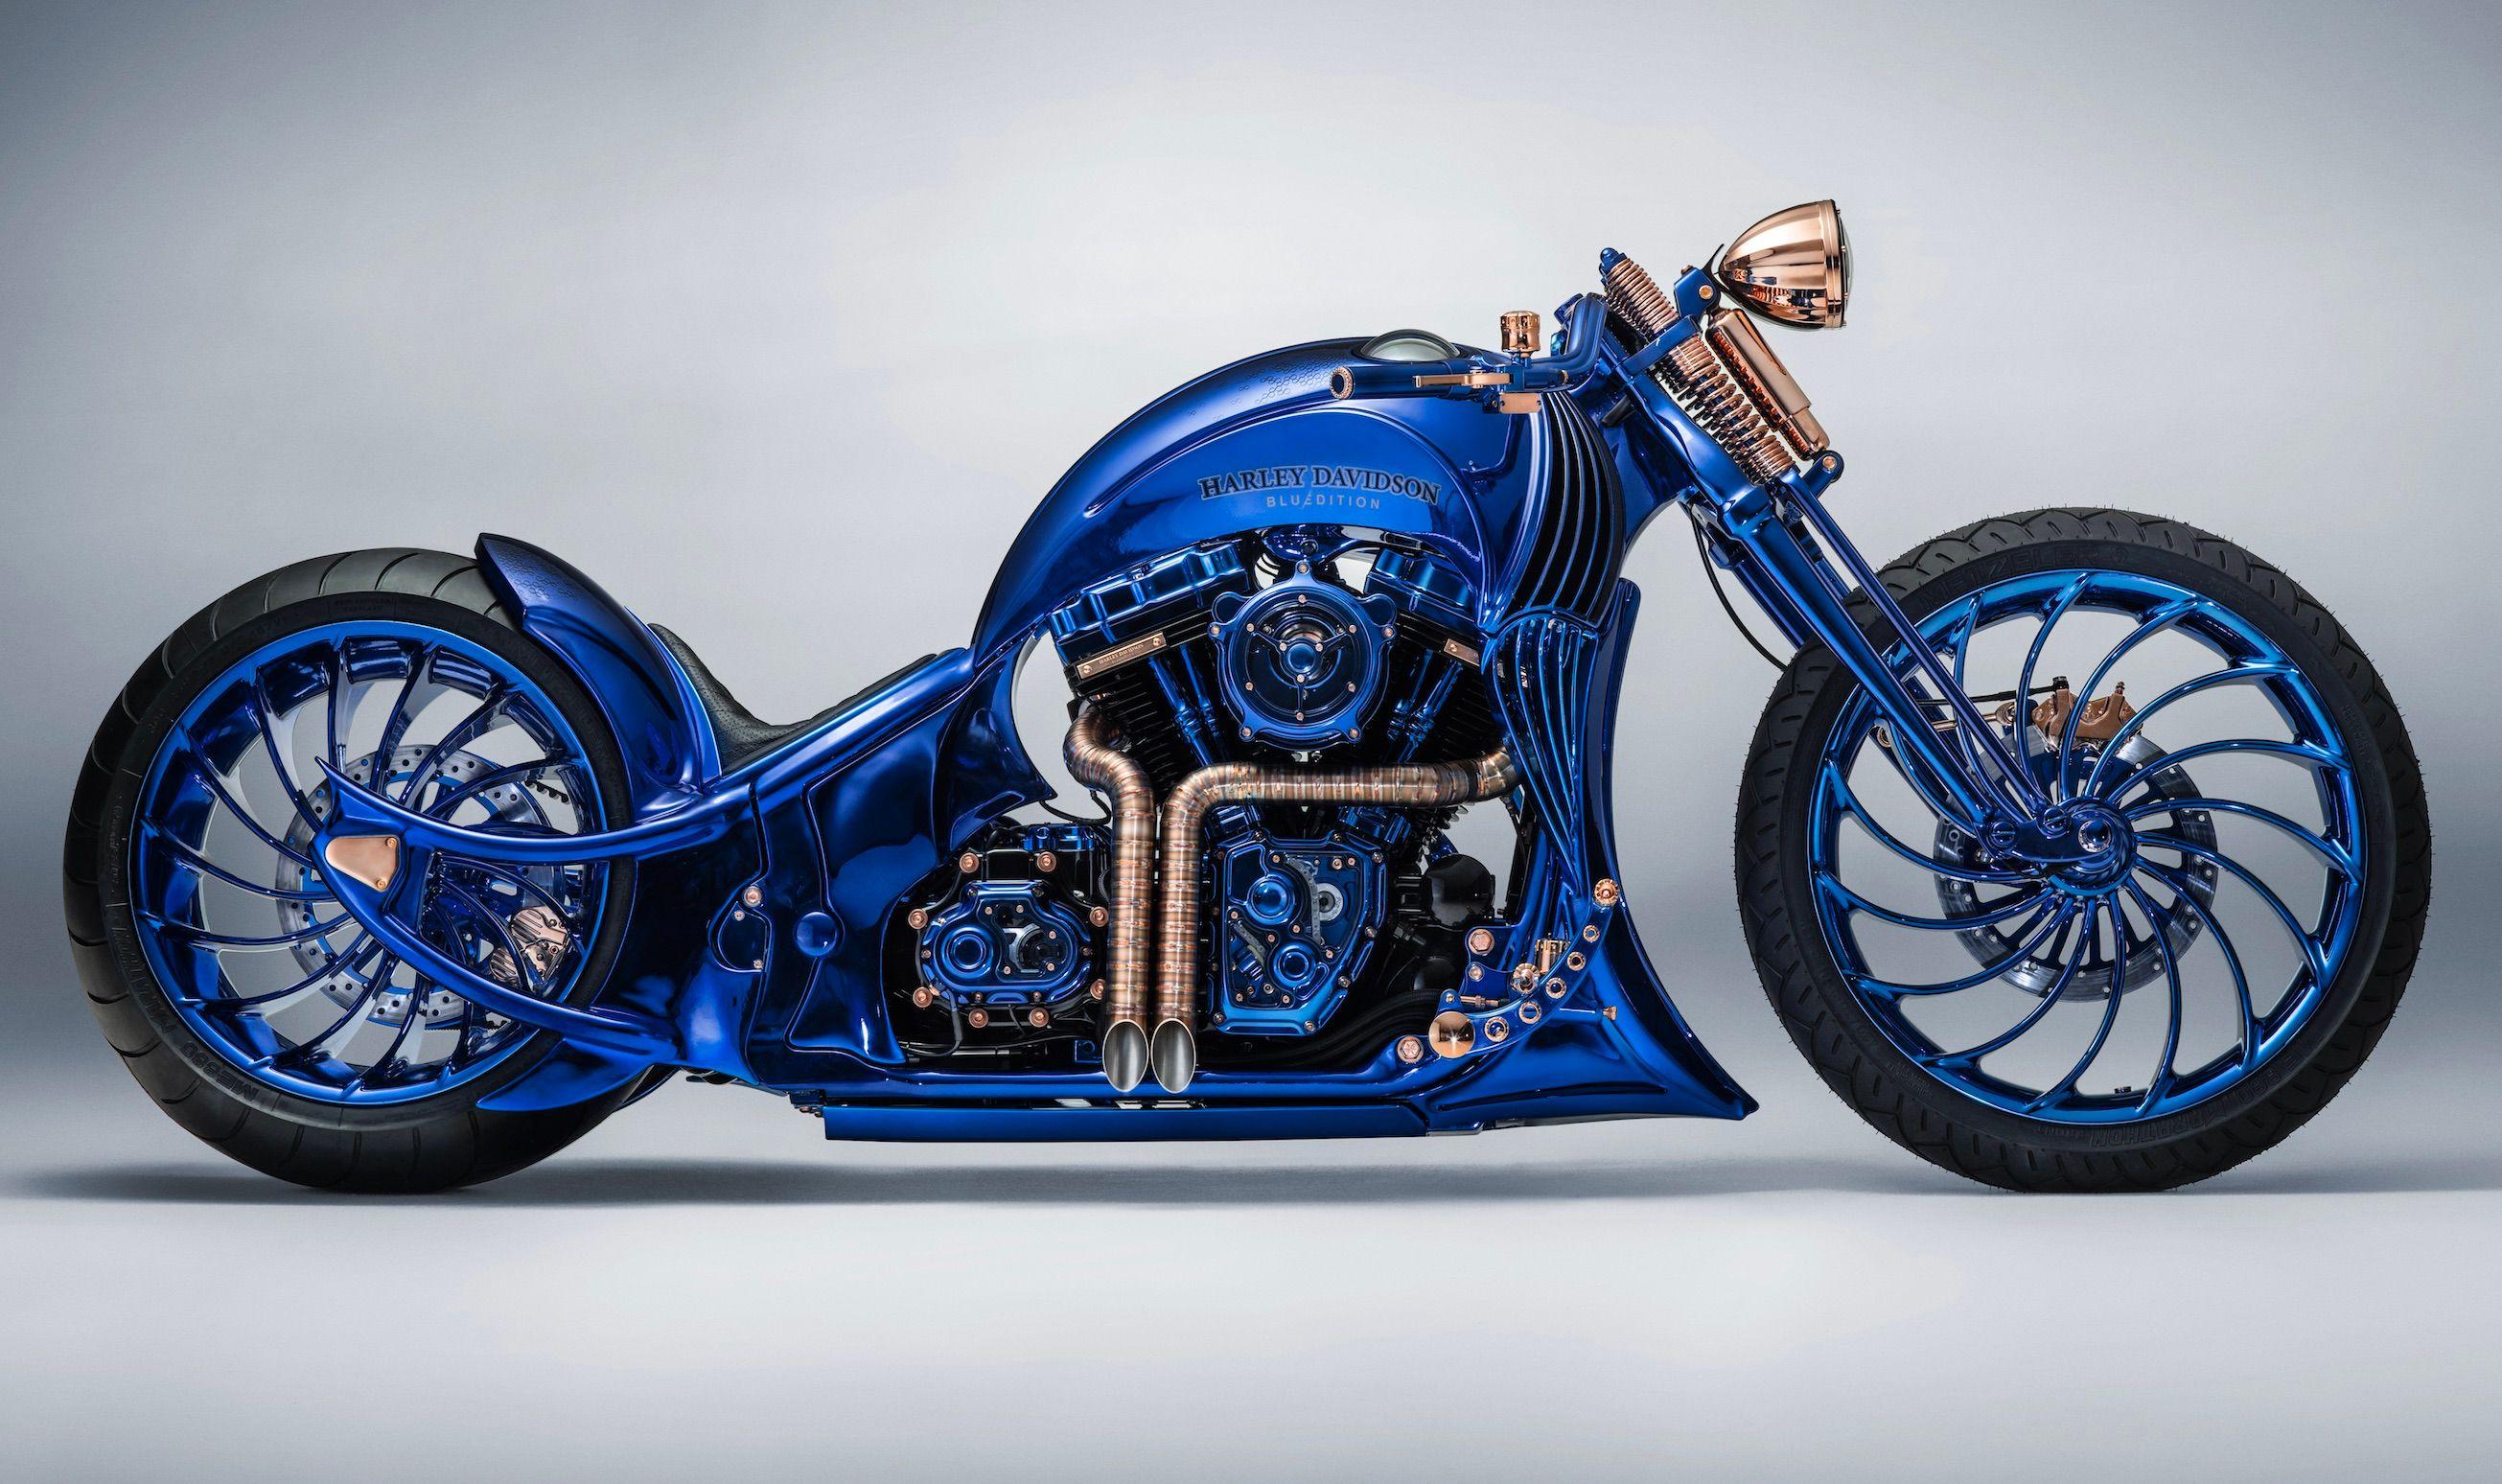 Signée Bucherer + Harley-Davidson, la moto la plus chère et la plus horlogère du monde vous sera facturée 1,888 millions d'euros...